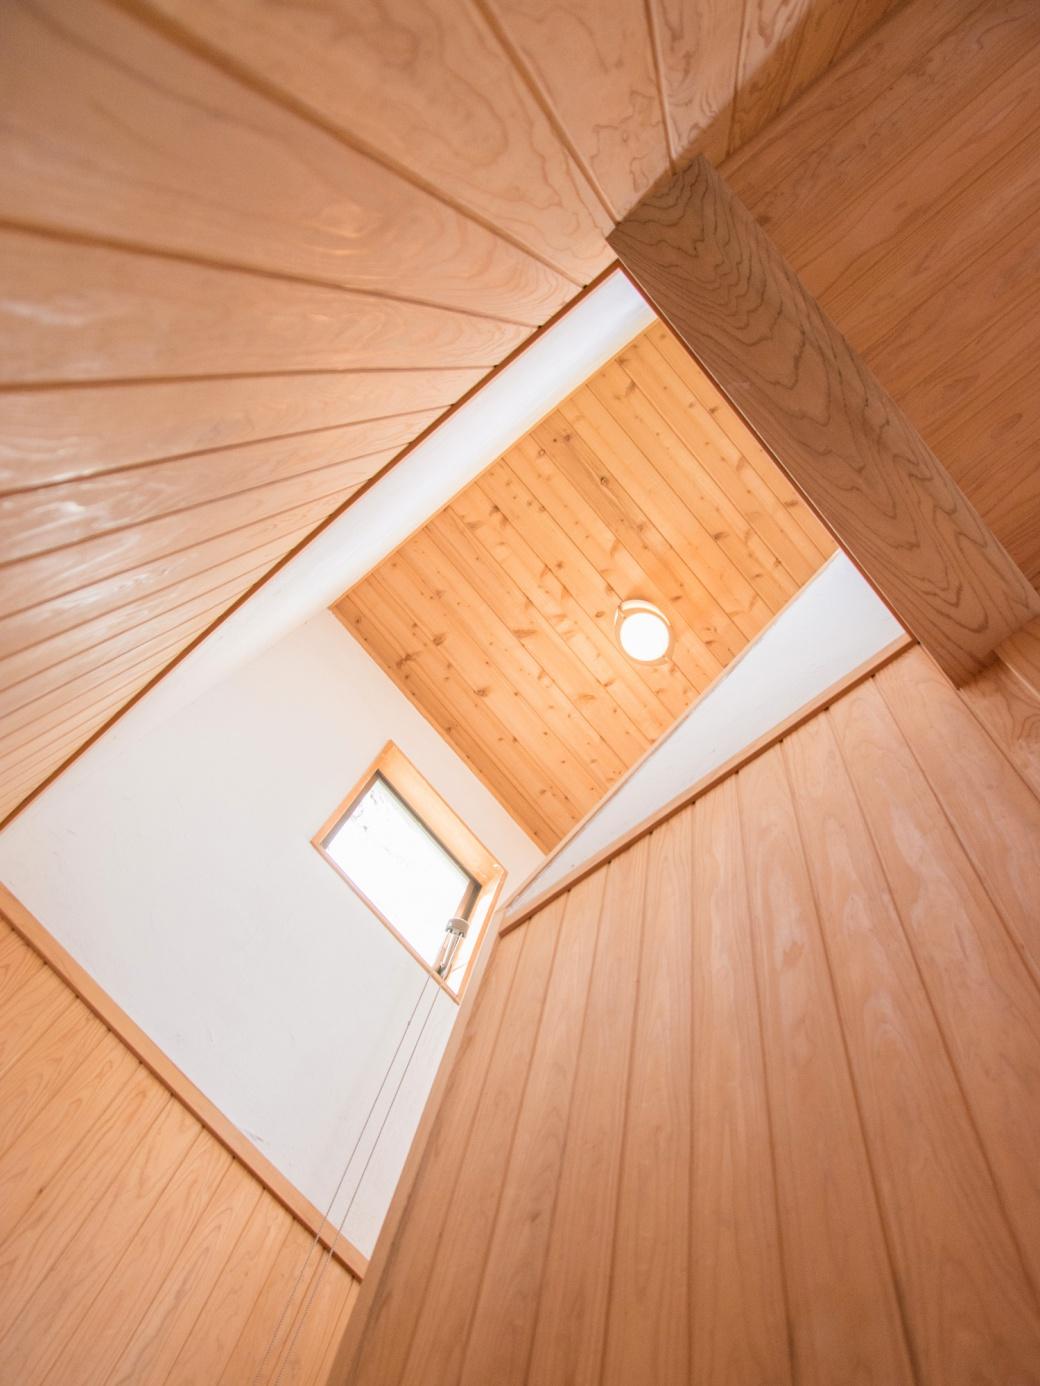 佐久間産業の施工イメージ:階段